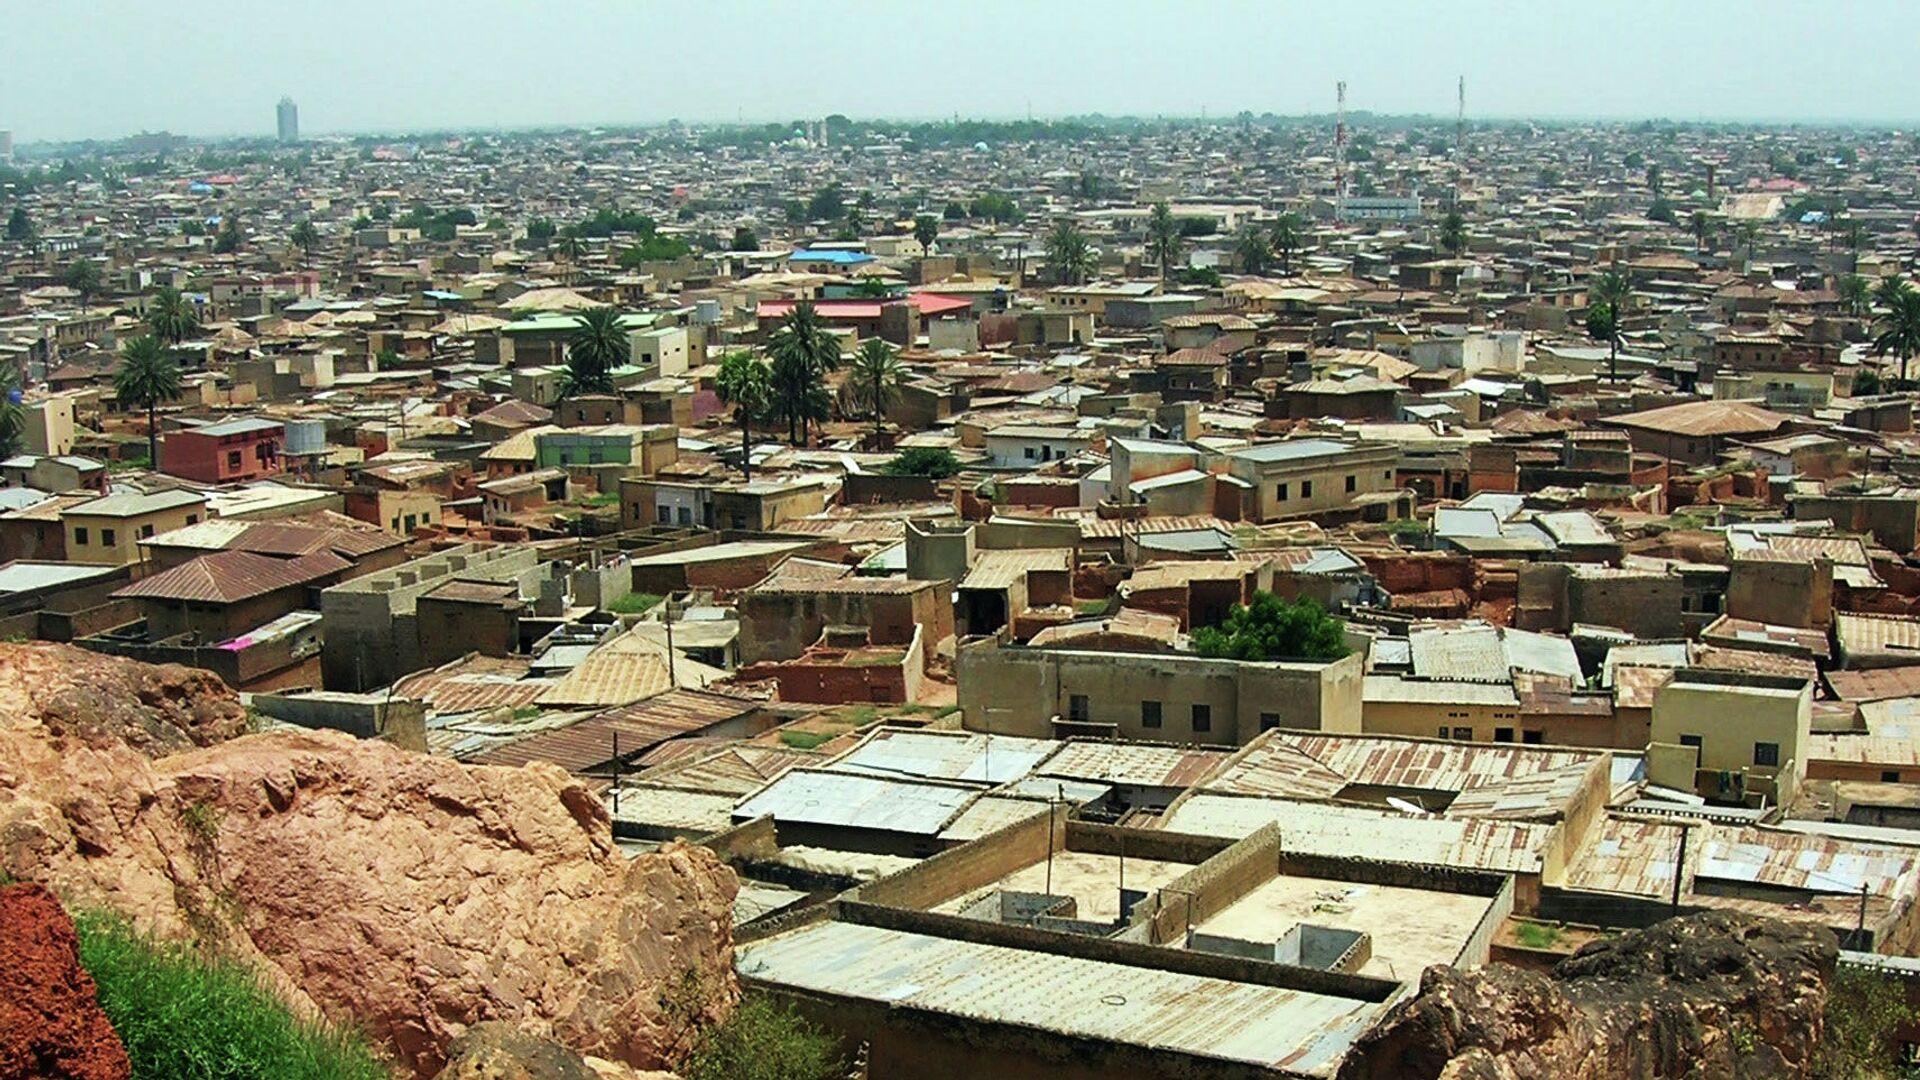 Город Кано, Нигерия - РИА Новости, 1920, 02.03.2021